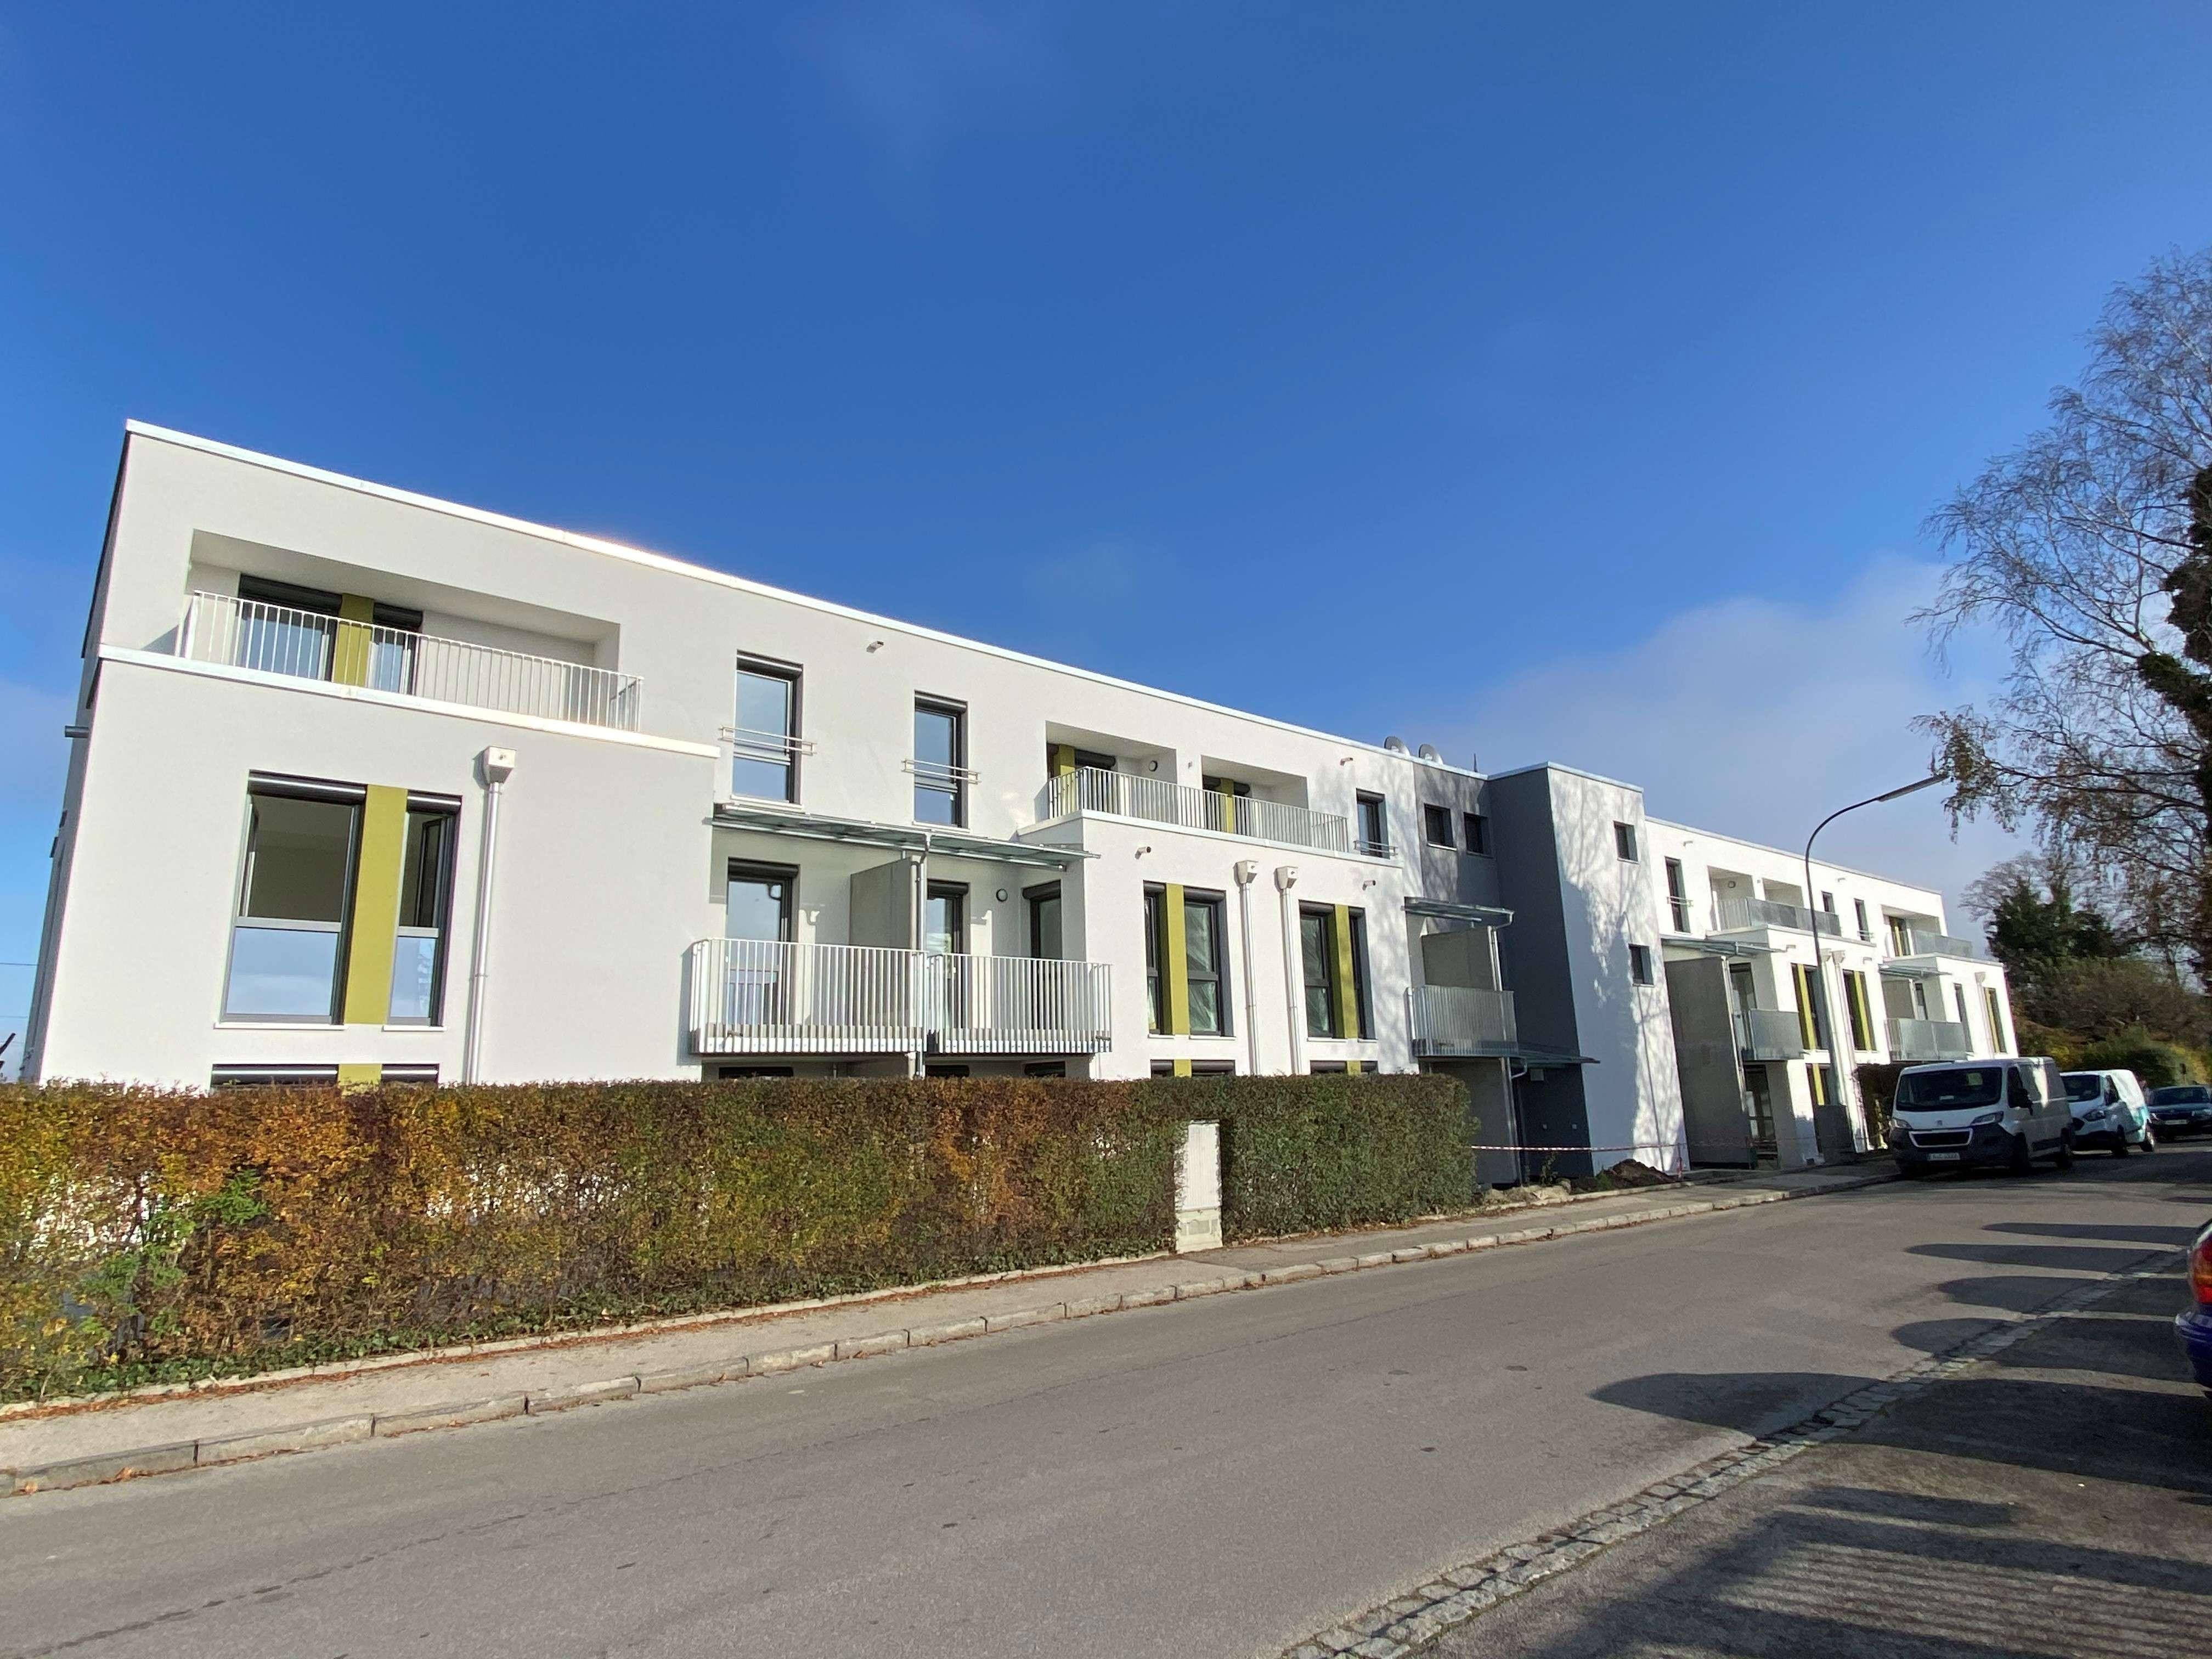 Neubau, 2-Zimmer Wohnung im geförderten Wohnungsbau, WBS erforderlich in